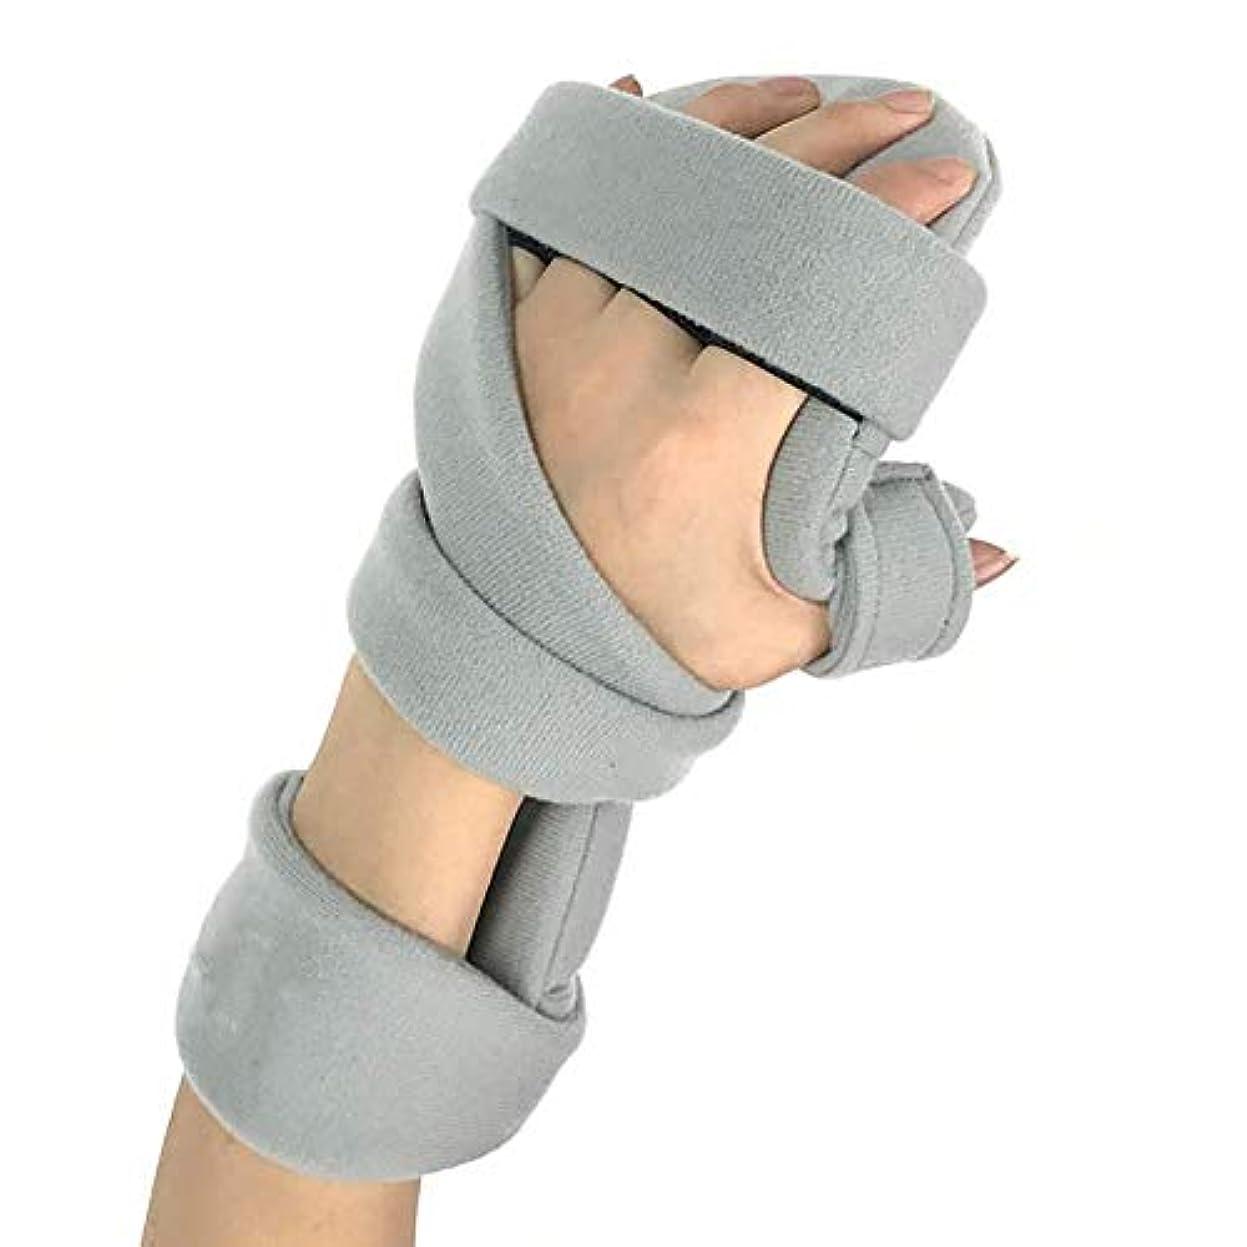 ラケットサンダーどうやらトリガー指副木、関節炎の手指副木用指トレーニングボード、手首の親指サポート手,LeftHand